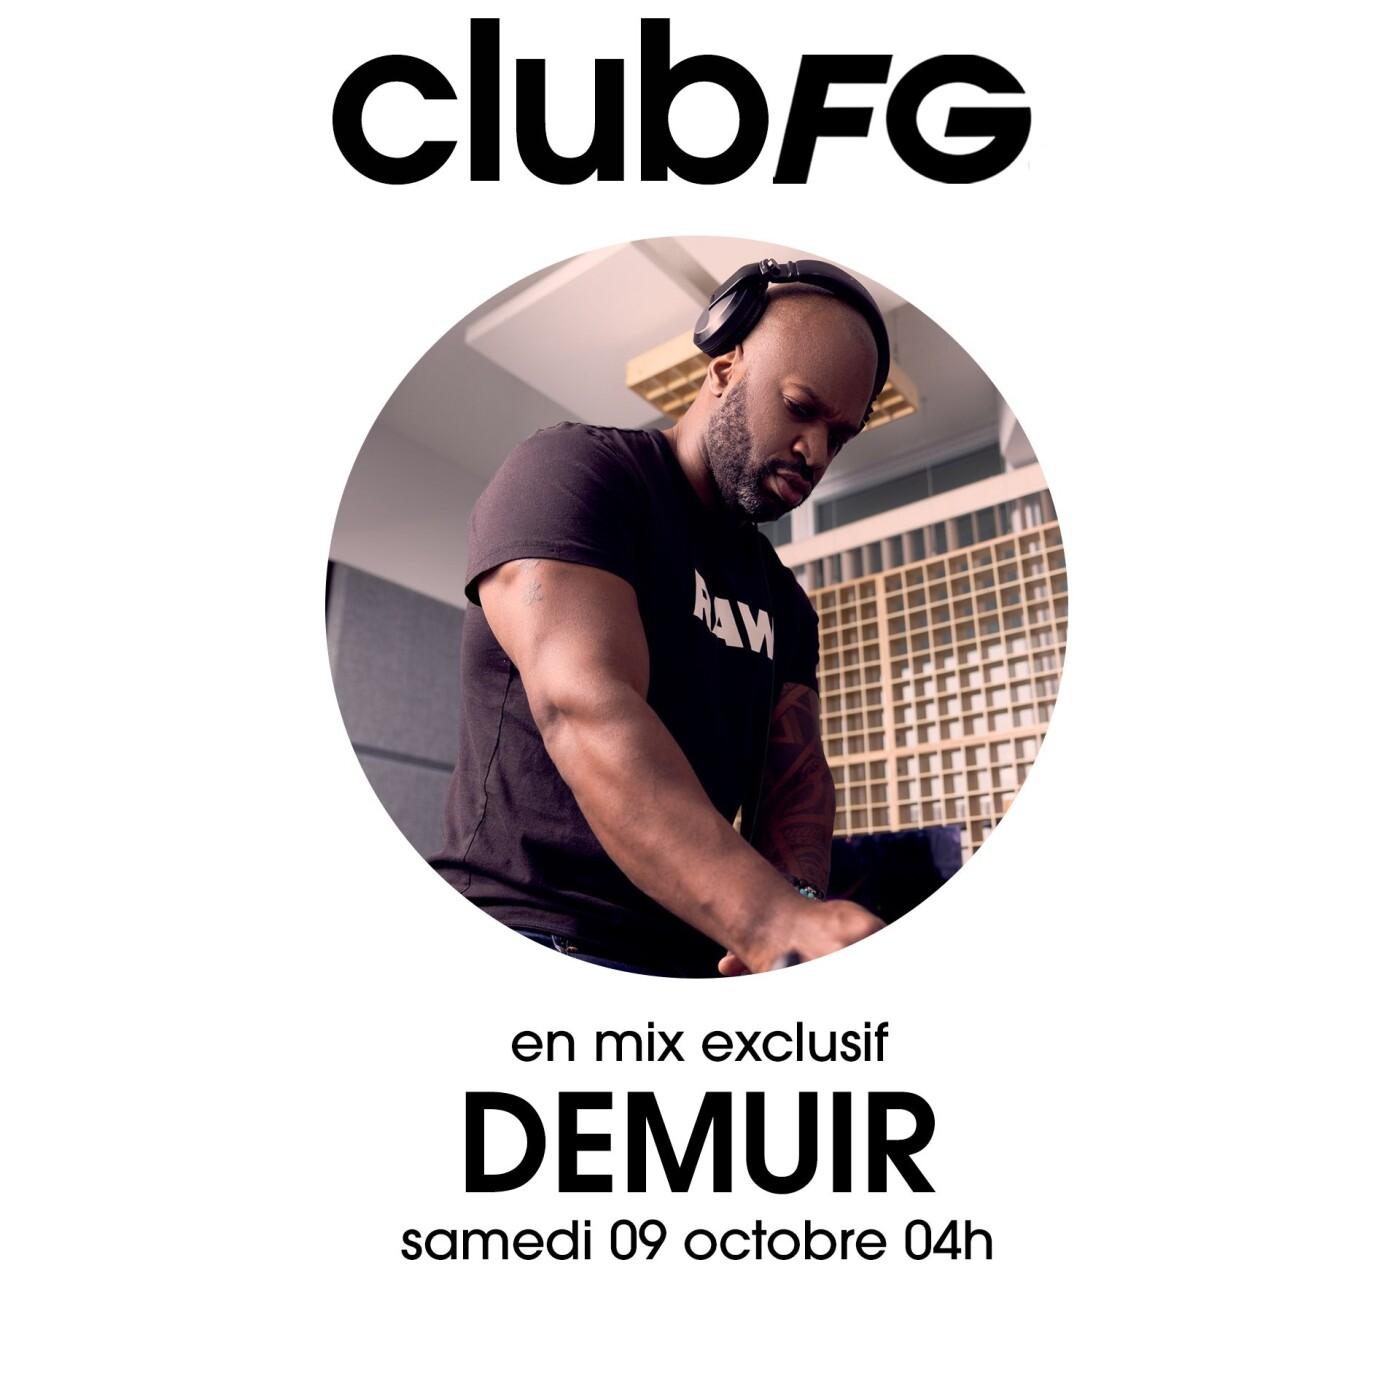 CLUB FG : DEMUIR